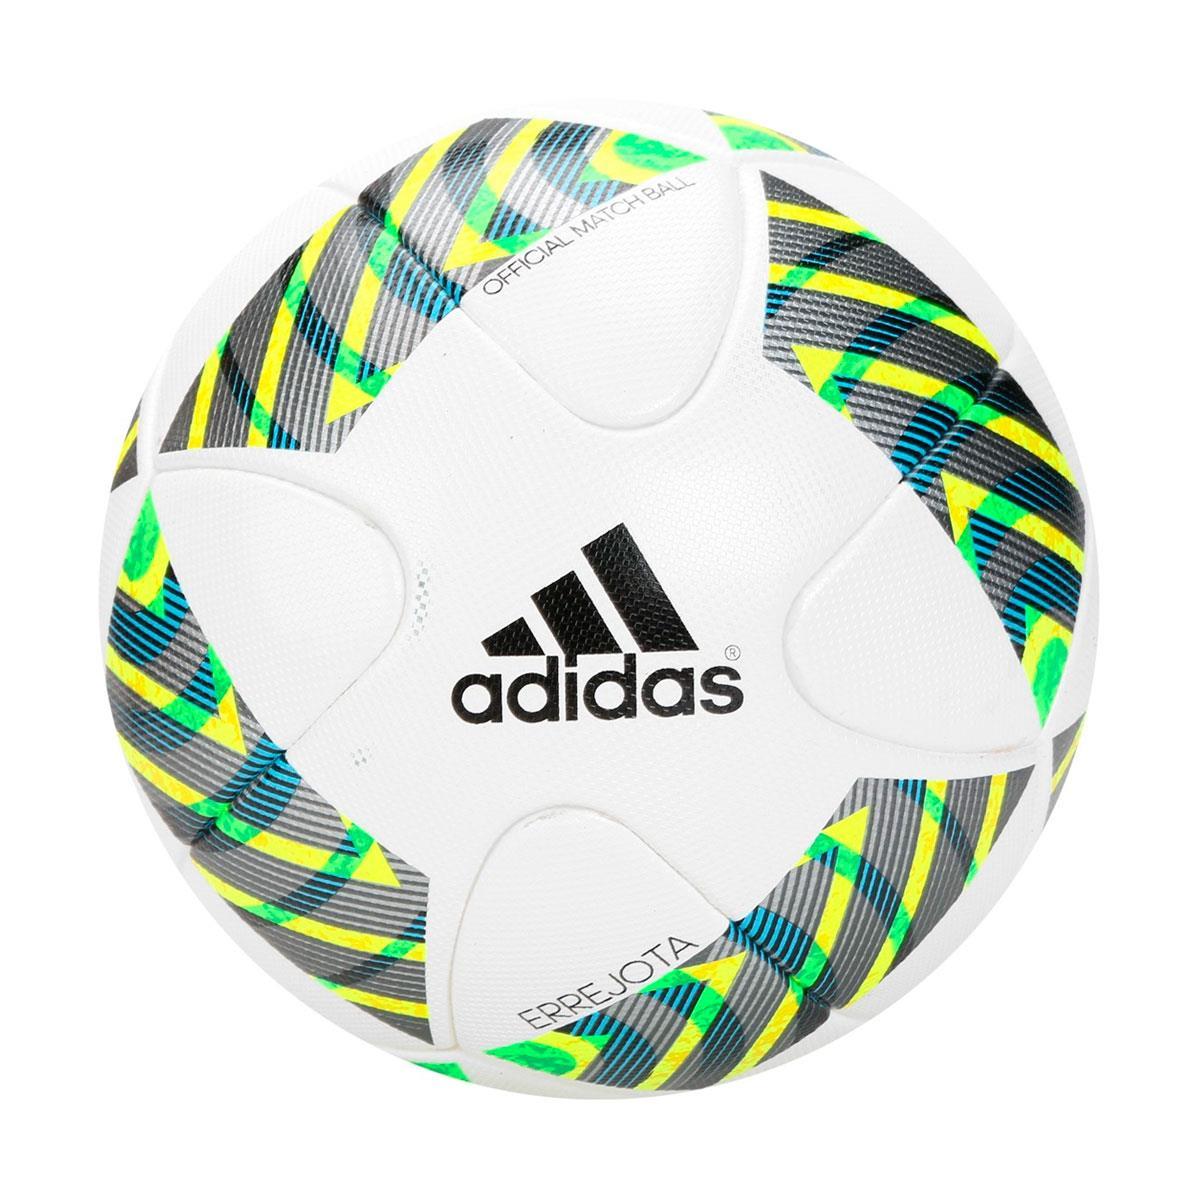 e8cd06822f65f Bola Adidas Campo Errejota Olímpiadas Rio 2016